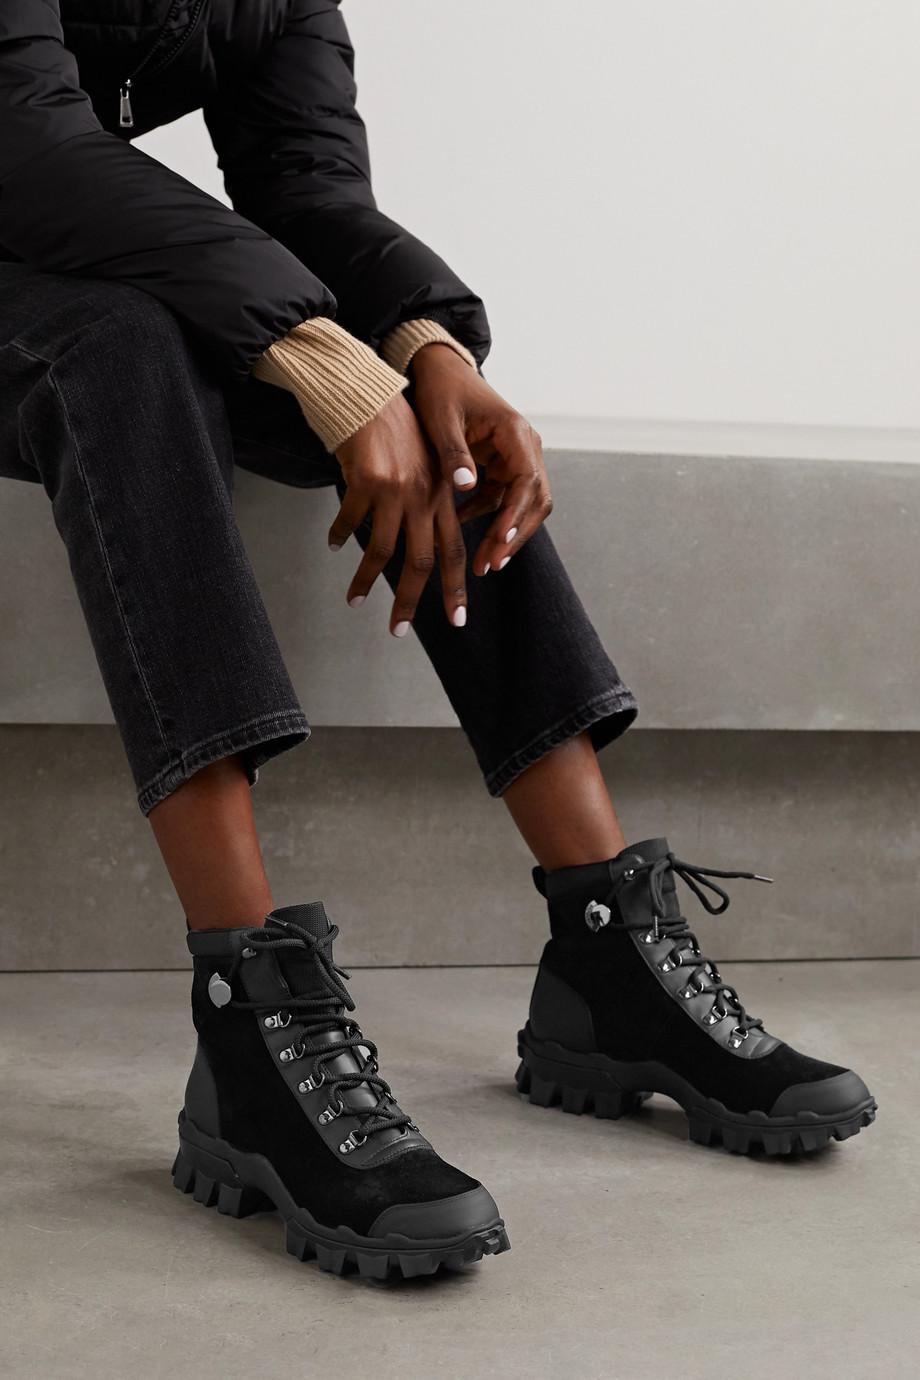 Moncler Helis 品牌标志印花皮革边饰绒面革踝靴